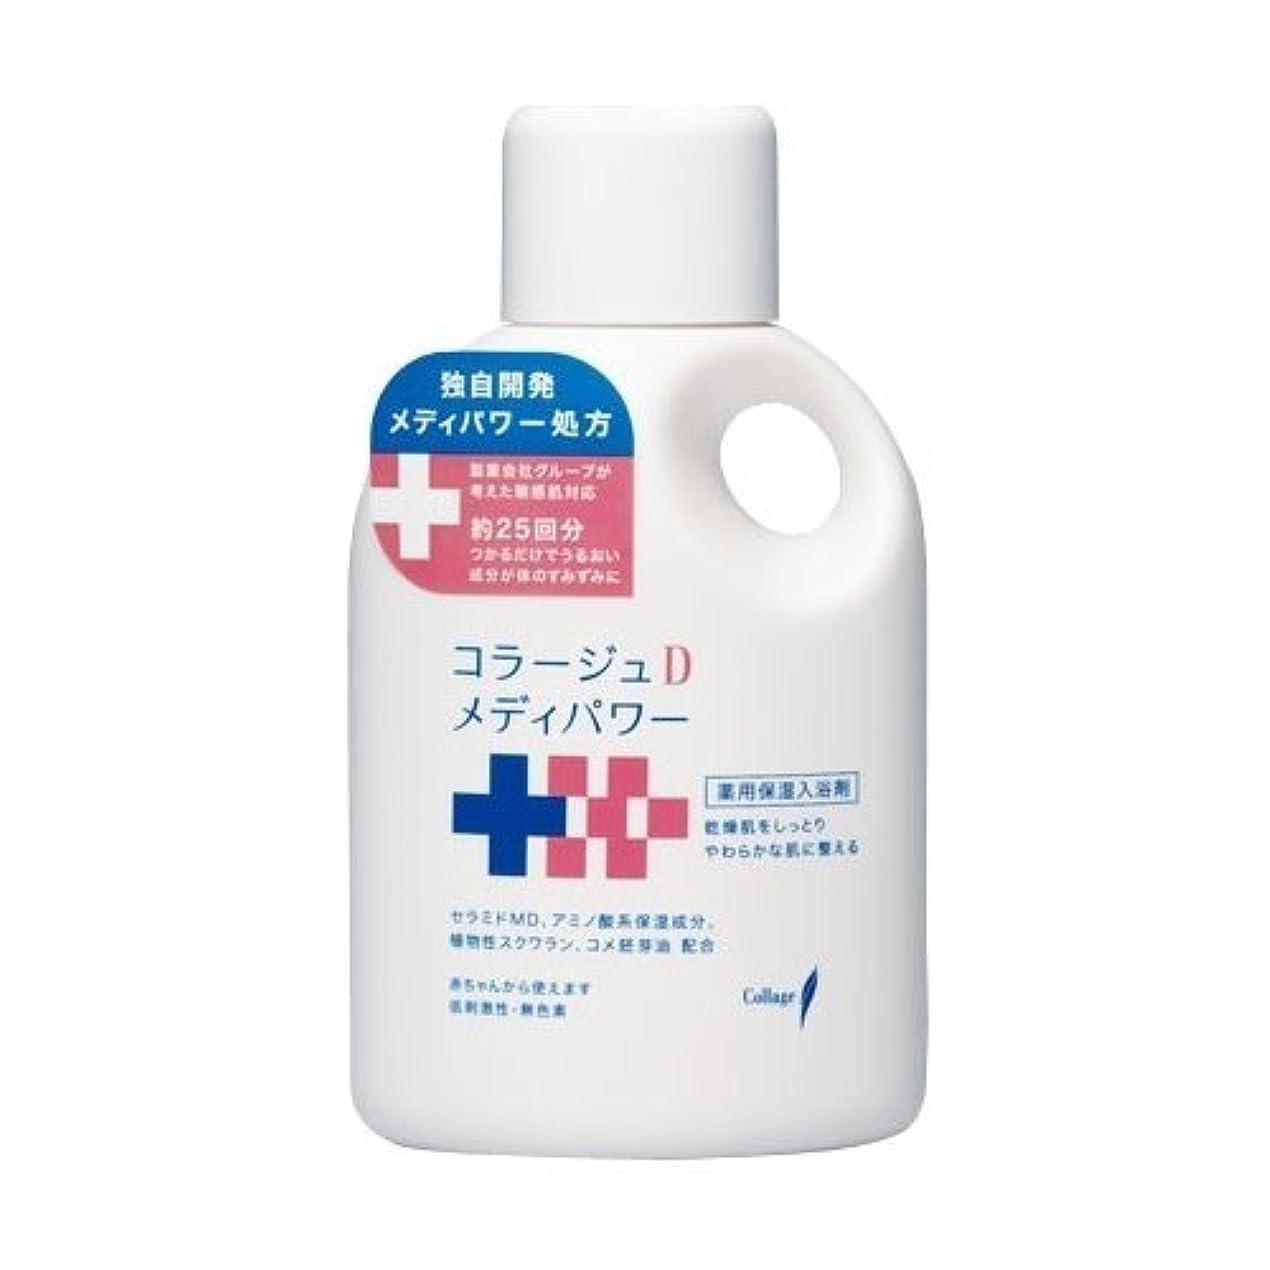 拍手精巧な流星コラージュ Dメディパワー 保湿入浴剤 500mL (医薬部外品)